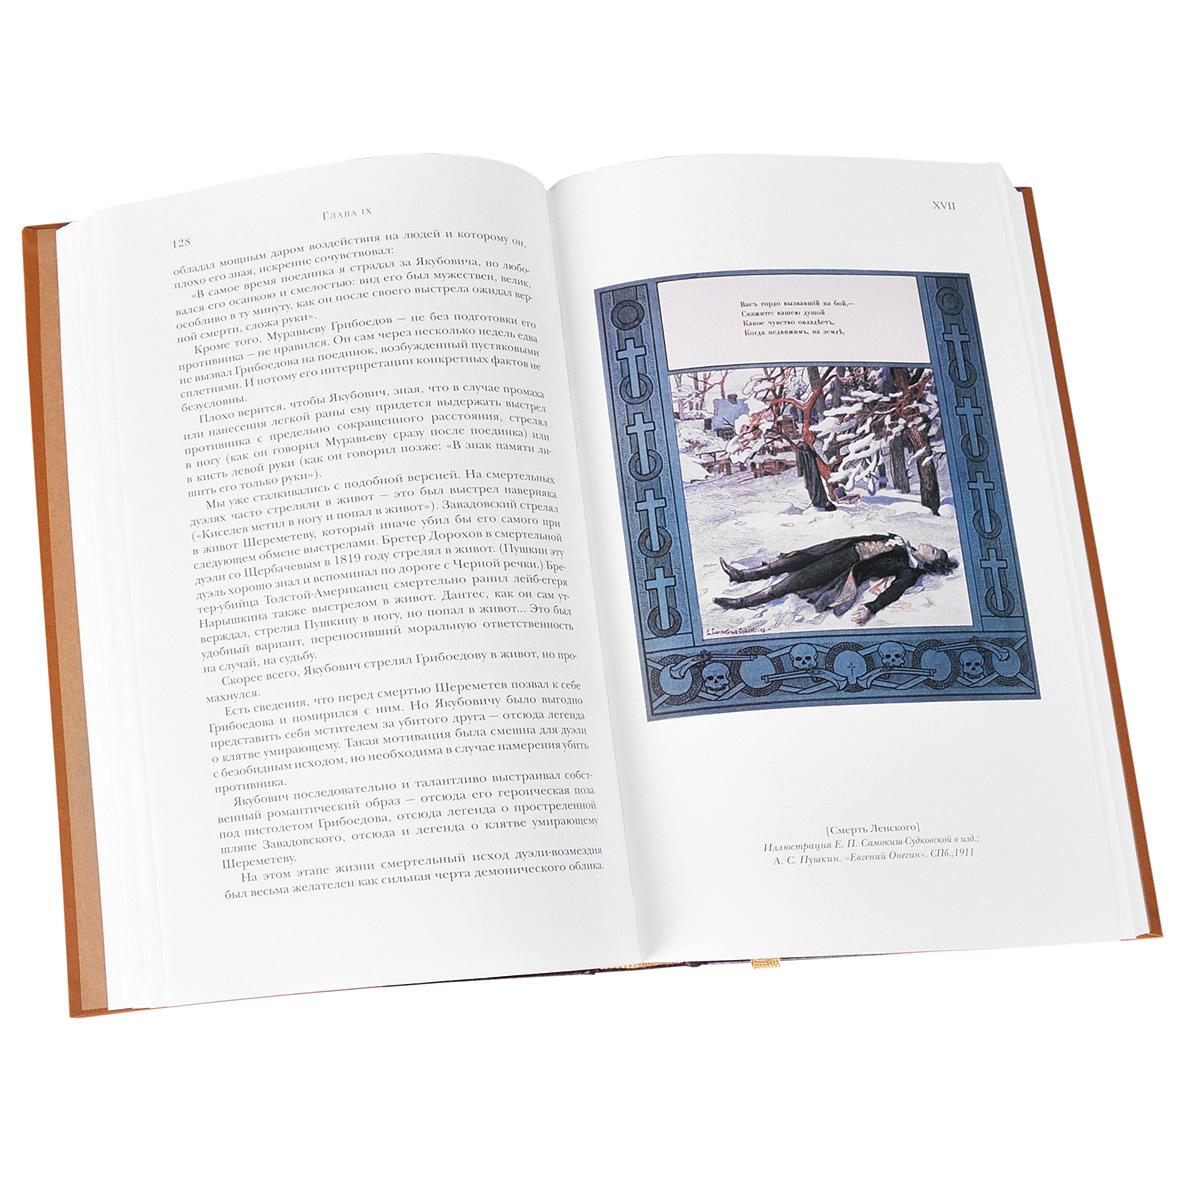 Русская дуэль. Философия, идеология, практика. Правила дуэли (комплект из 2 книг)